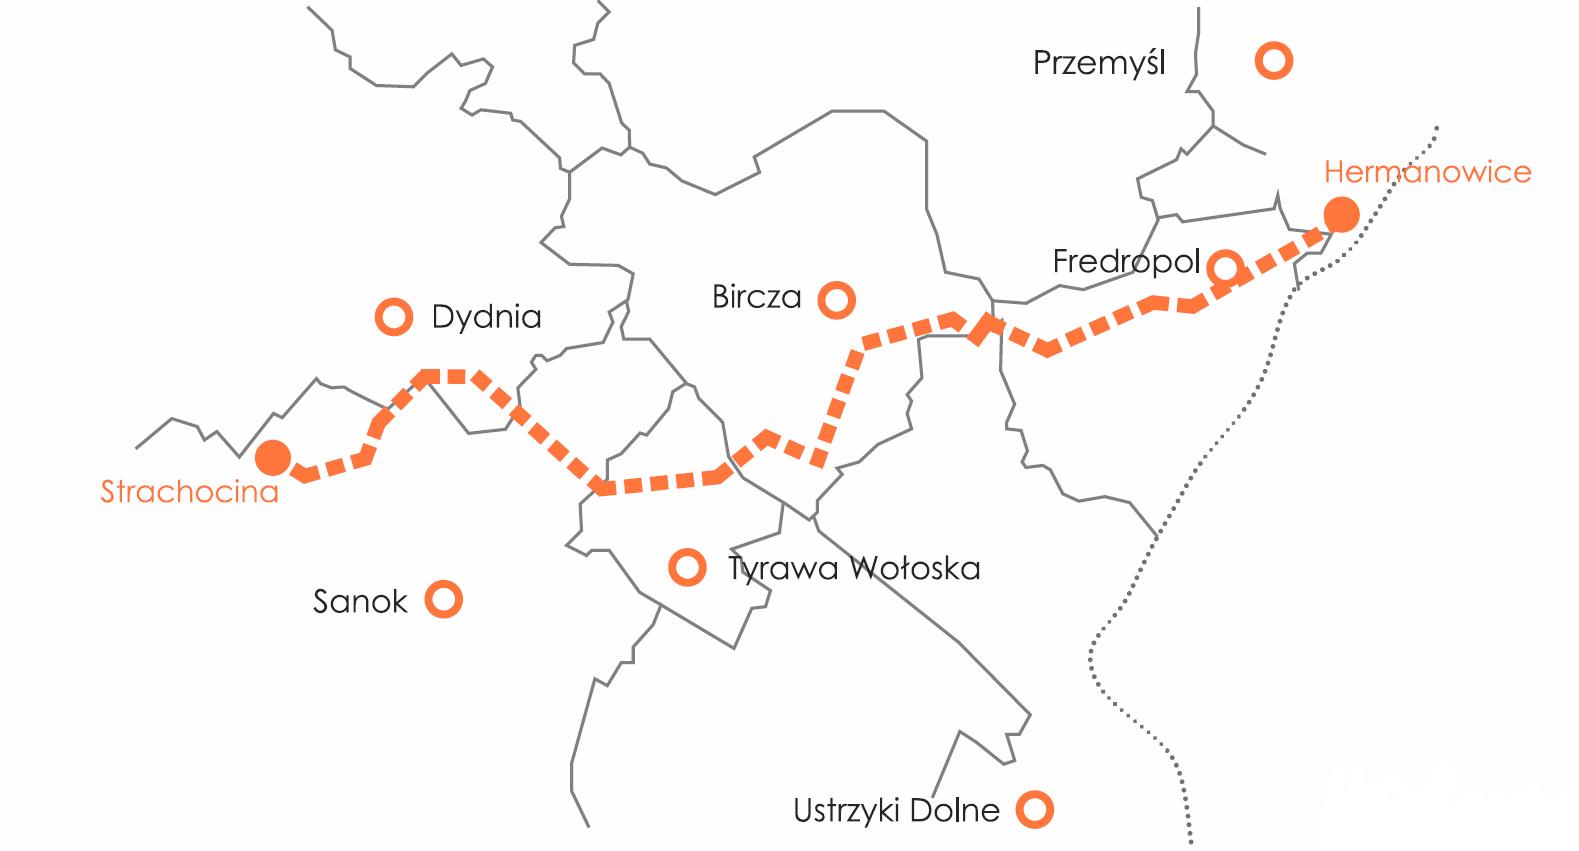 Połączenie Hermanowice-Strachocina. Grafika: Gaz-System.